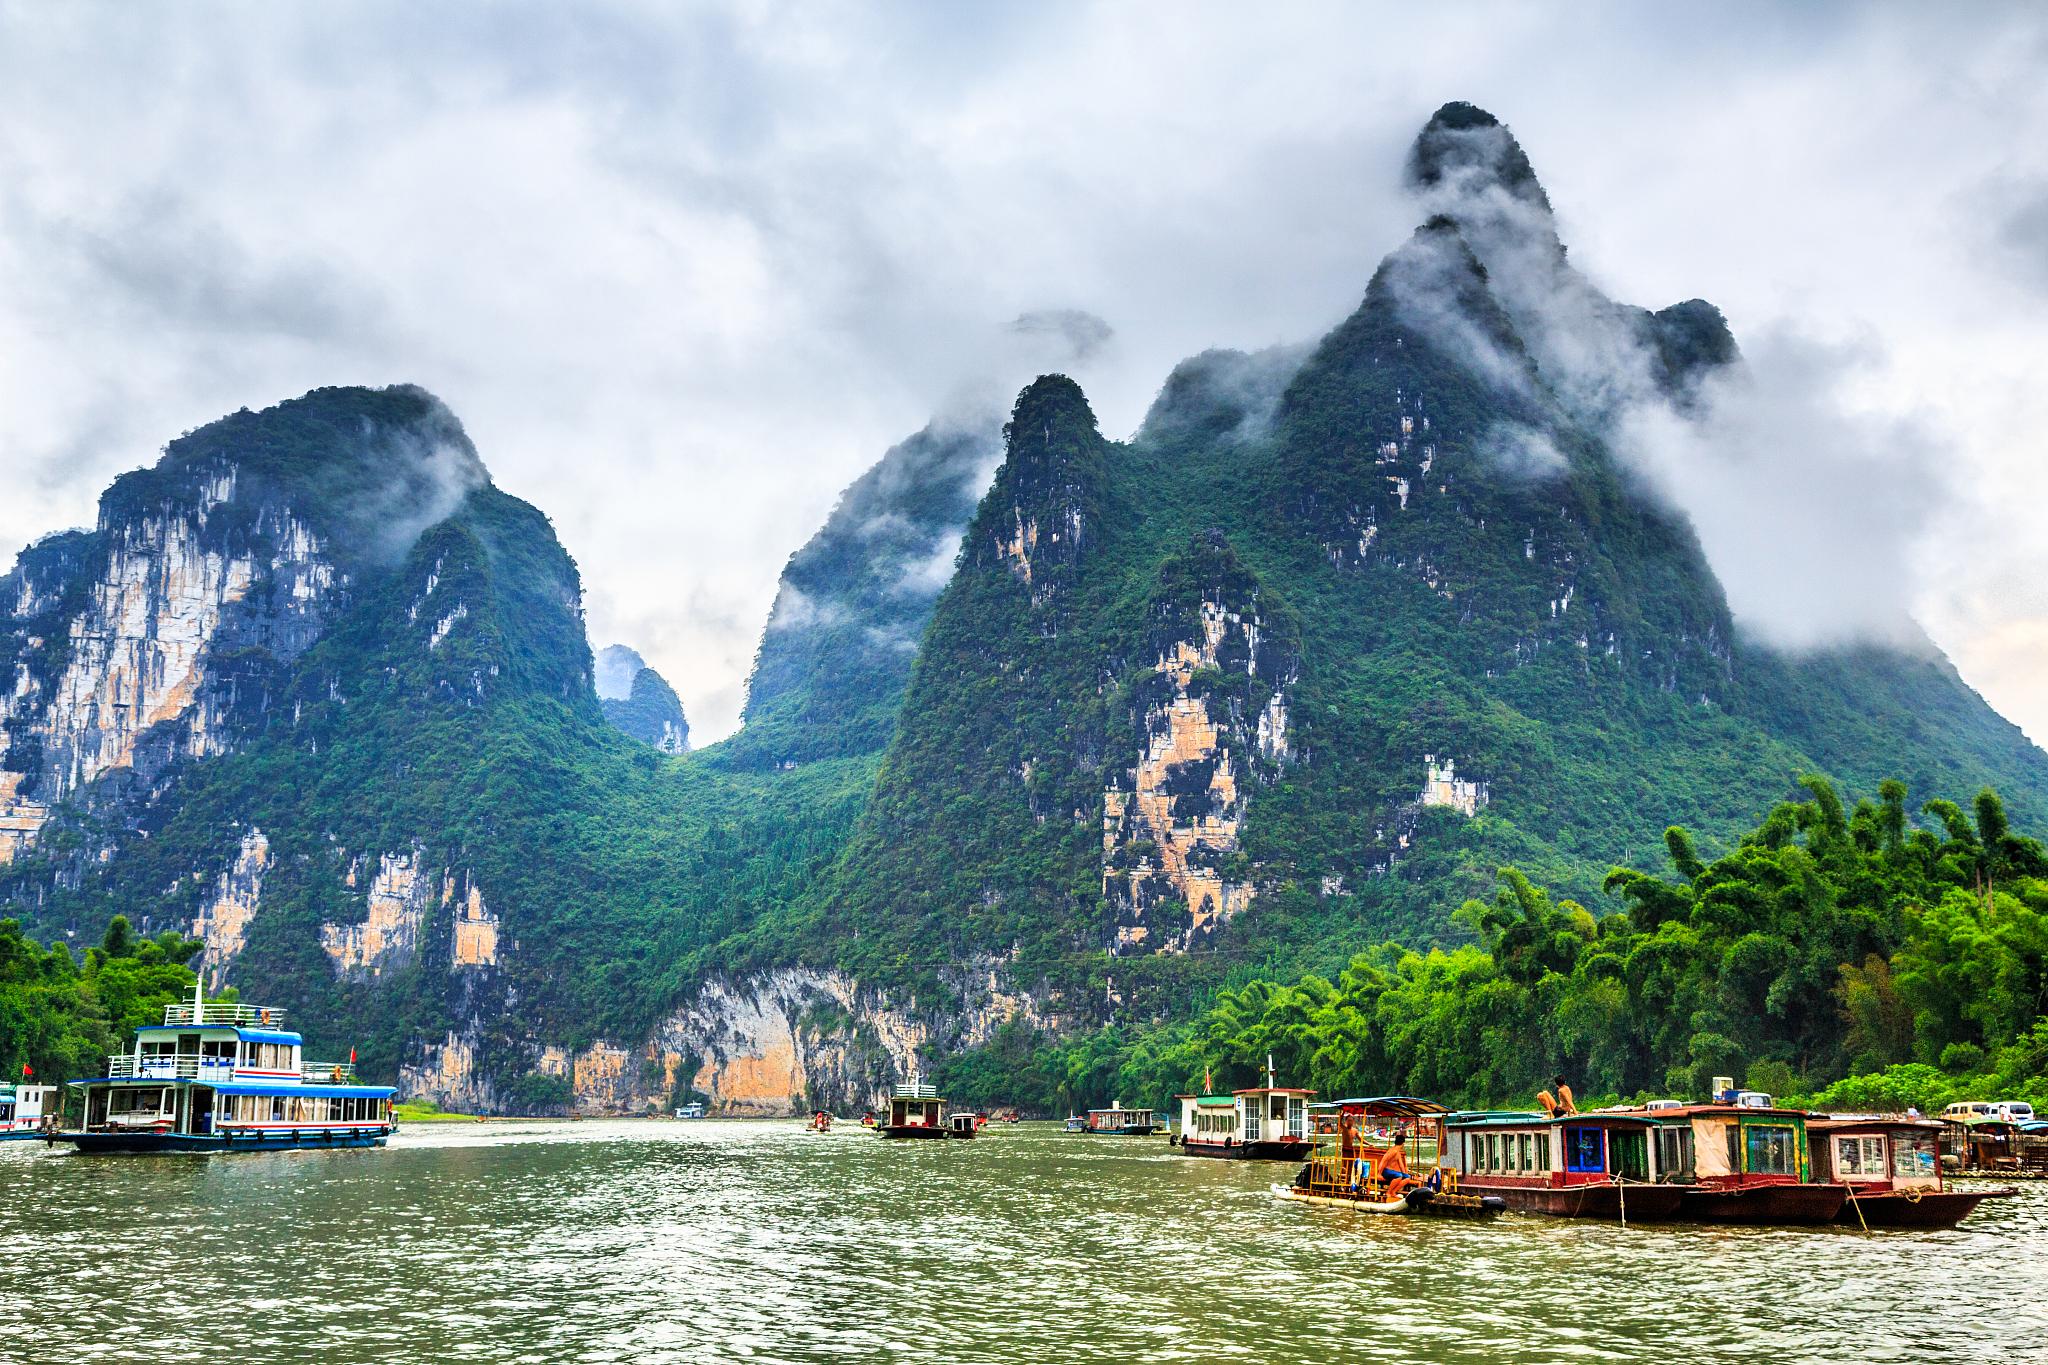 Li River Cruise Tour